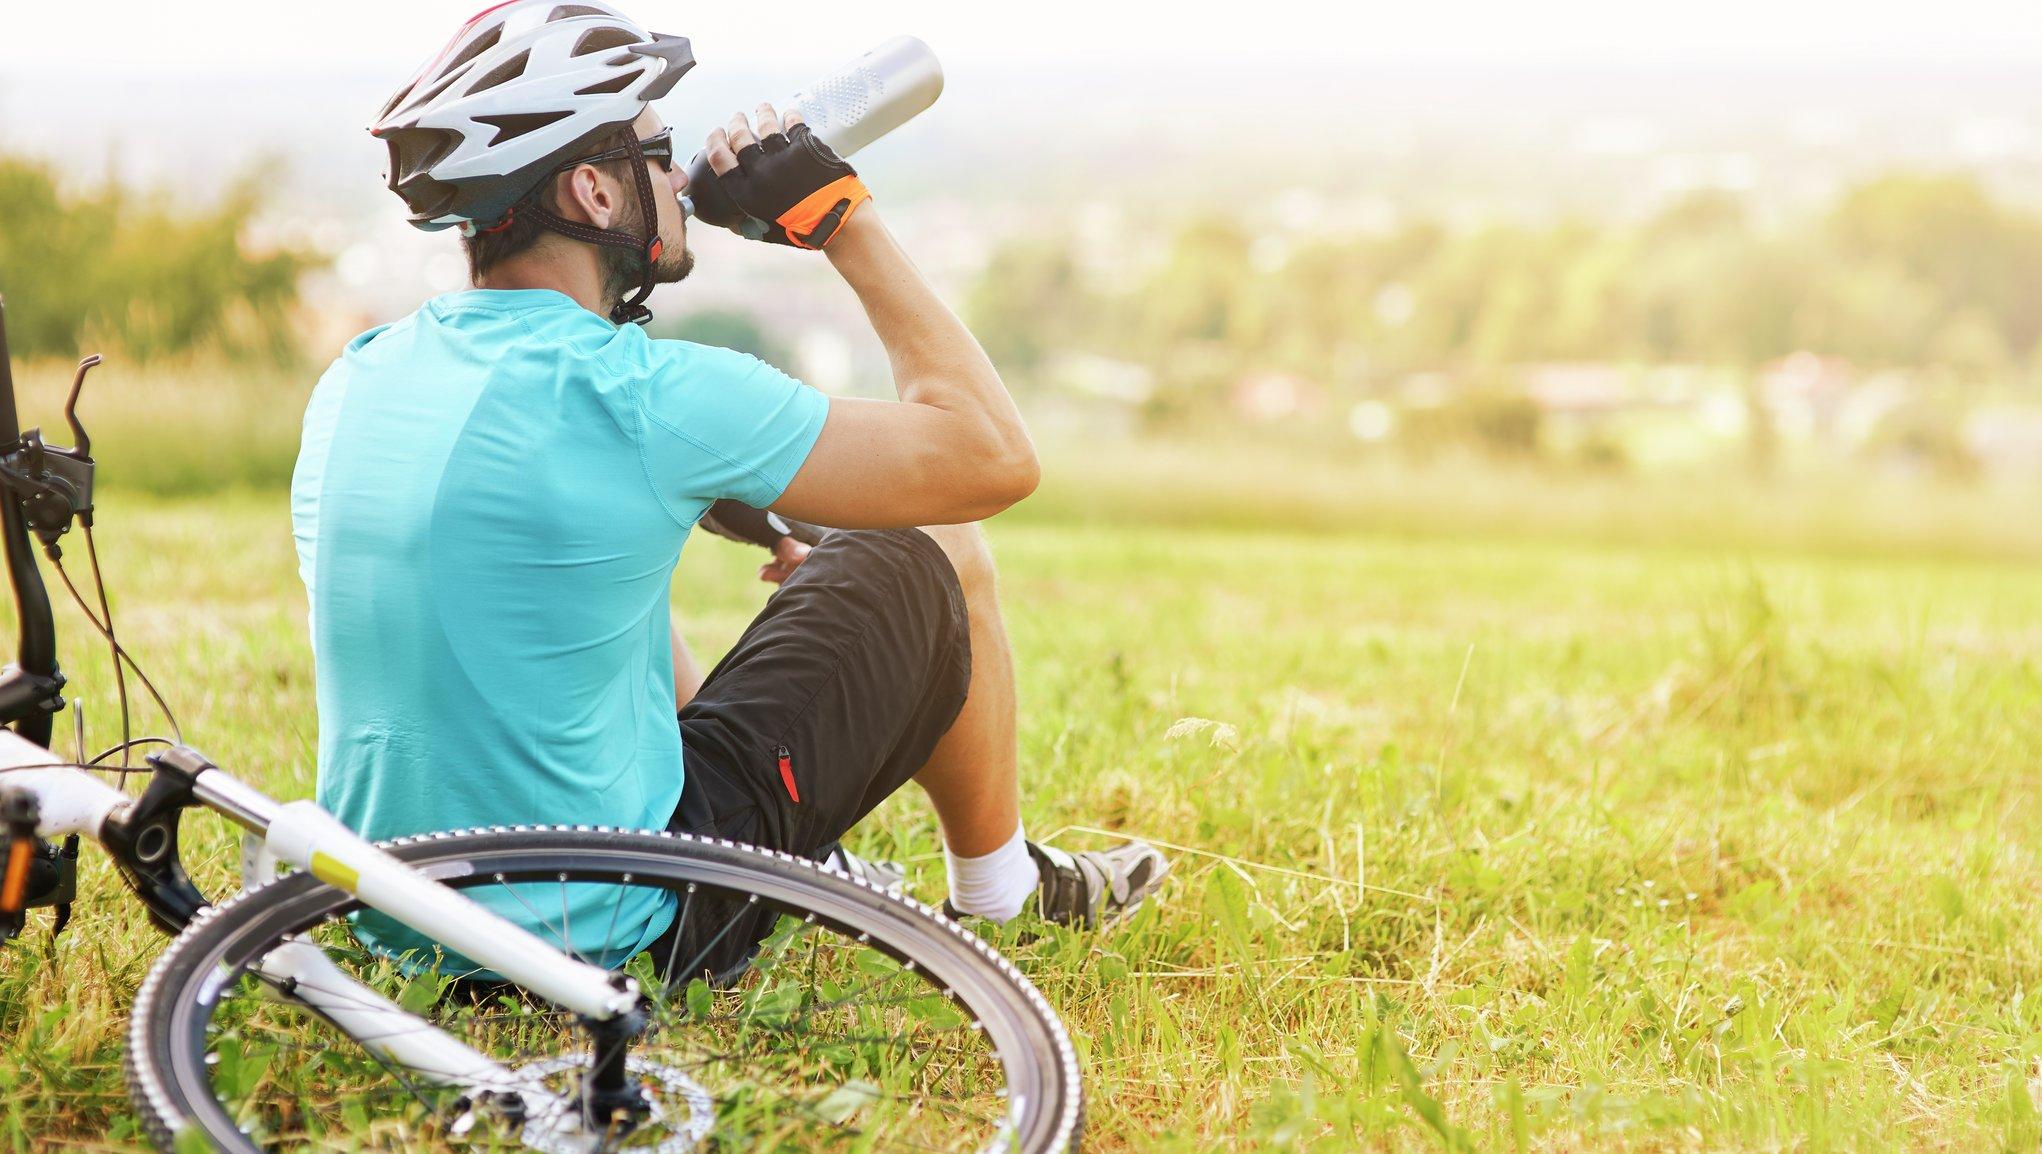 Säkra cykeltips